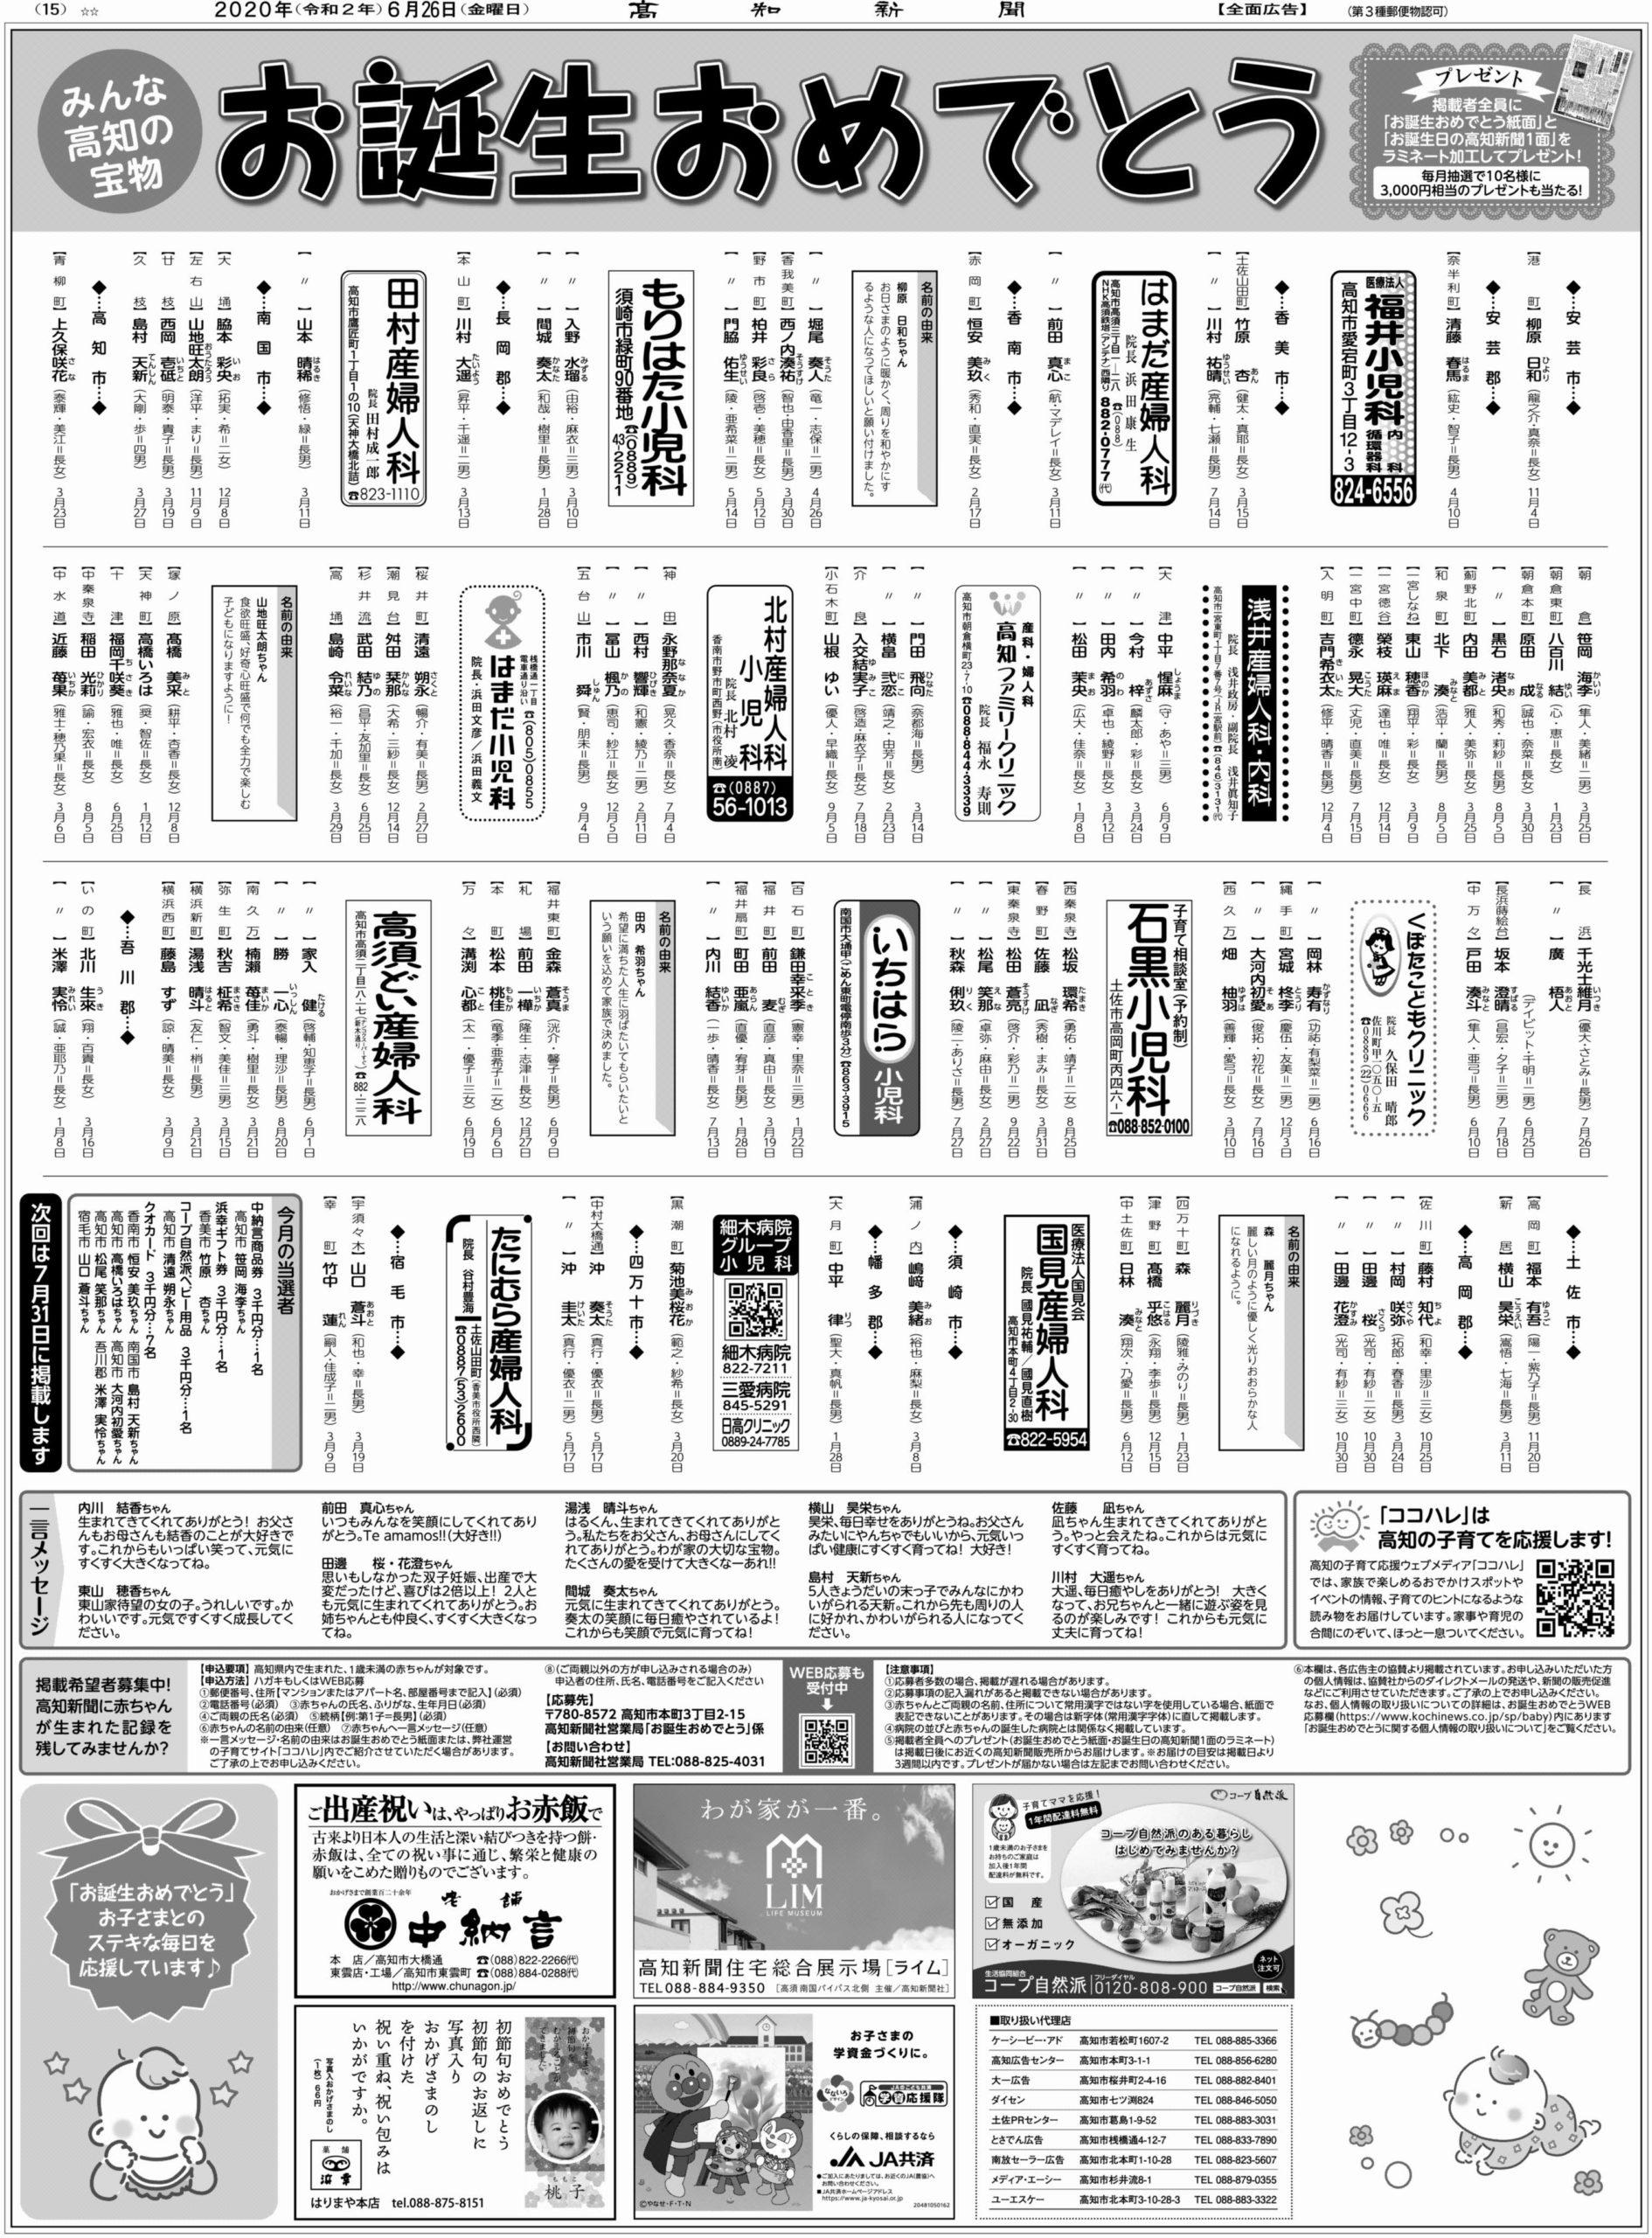 漢字 人との繋がりを大切にする 日本の偉人による『人との繋がり』名言集(12選)|TAKA HIRO|note